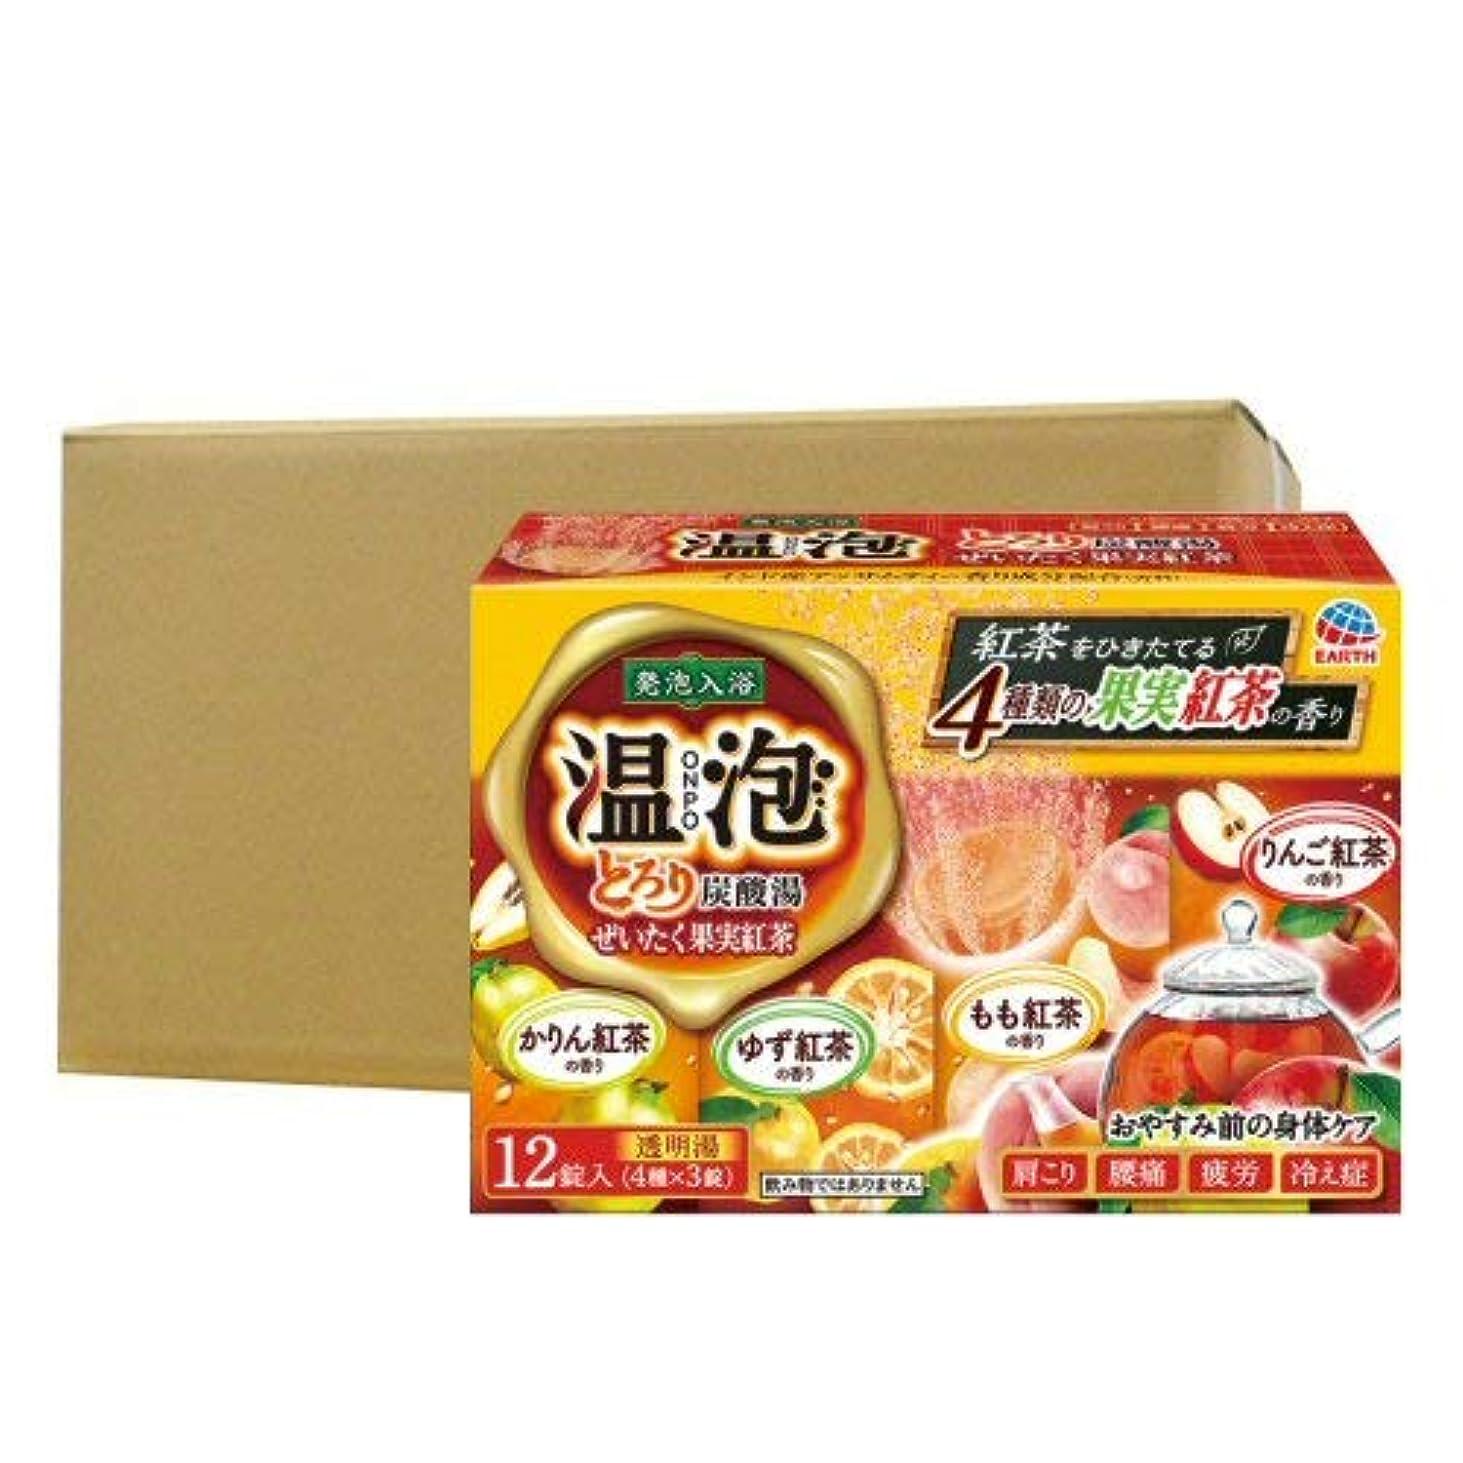 三くま権利を与える温泡 ONPO とろり炭酸湯 ぜいたく果実紅茶 12錠入り×16個